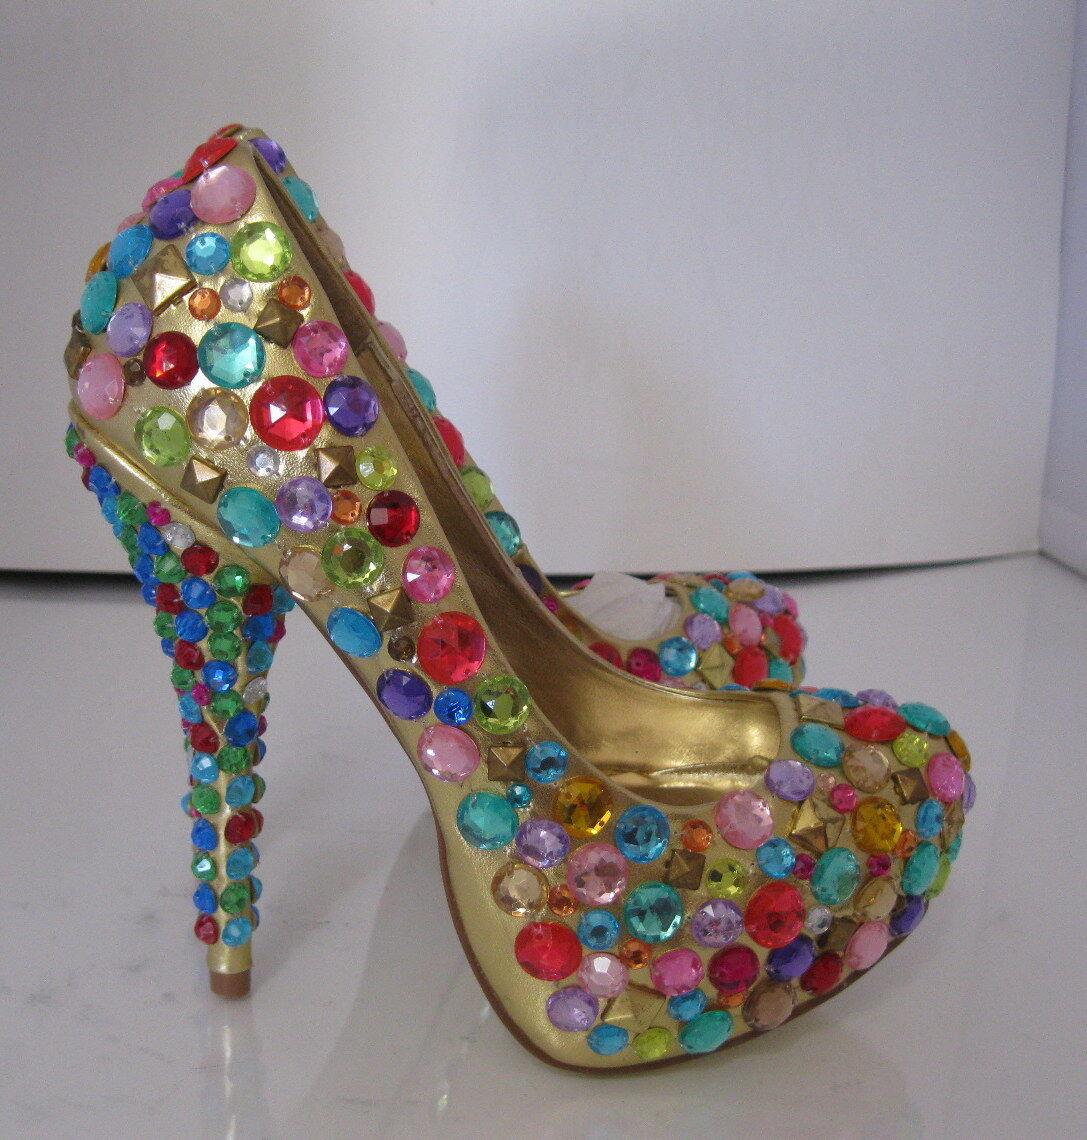 miglior reputazione donna oro Gems Gems Gems 5 Stiletto High Heel 1.5 Platform Round Toe Sexy scarpe Dimensione 6  risparmia fino al 50%